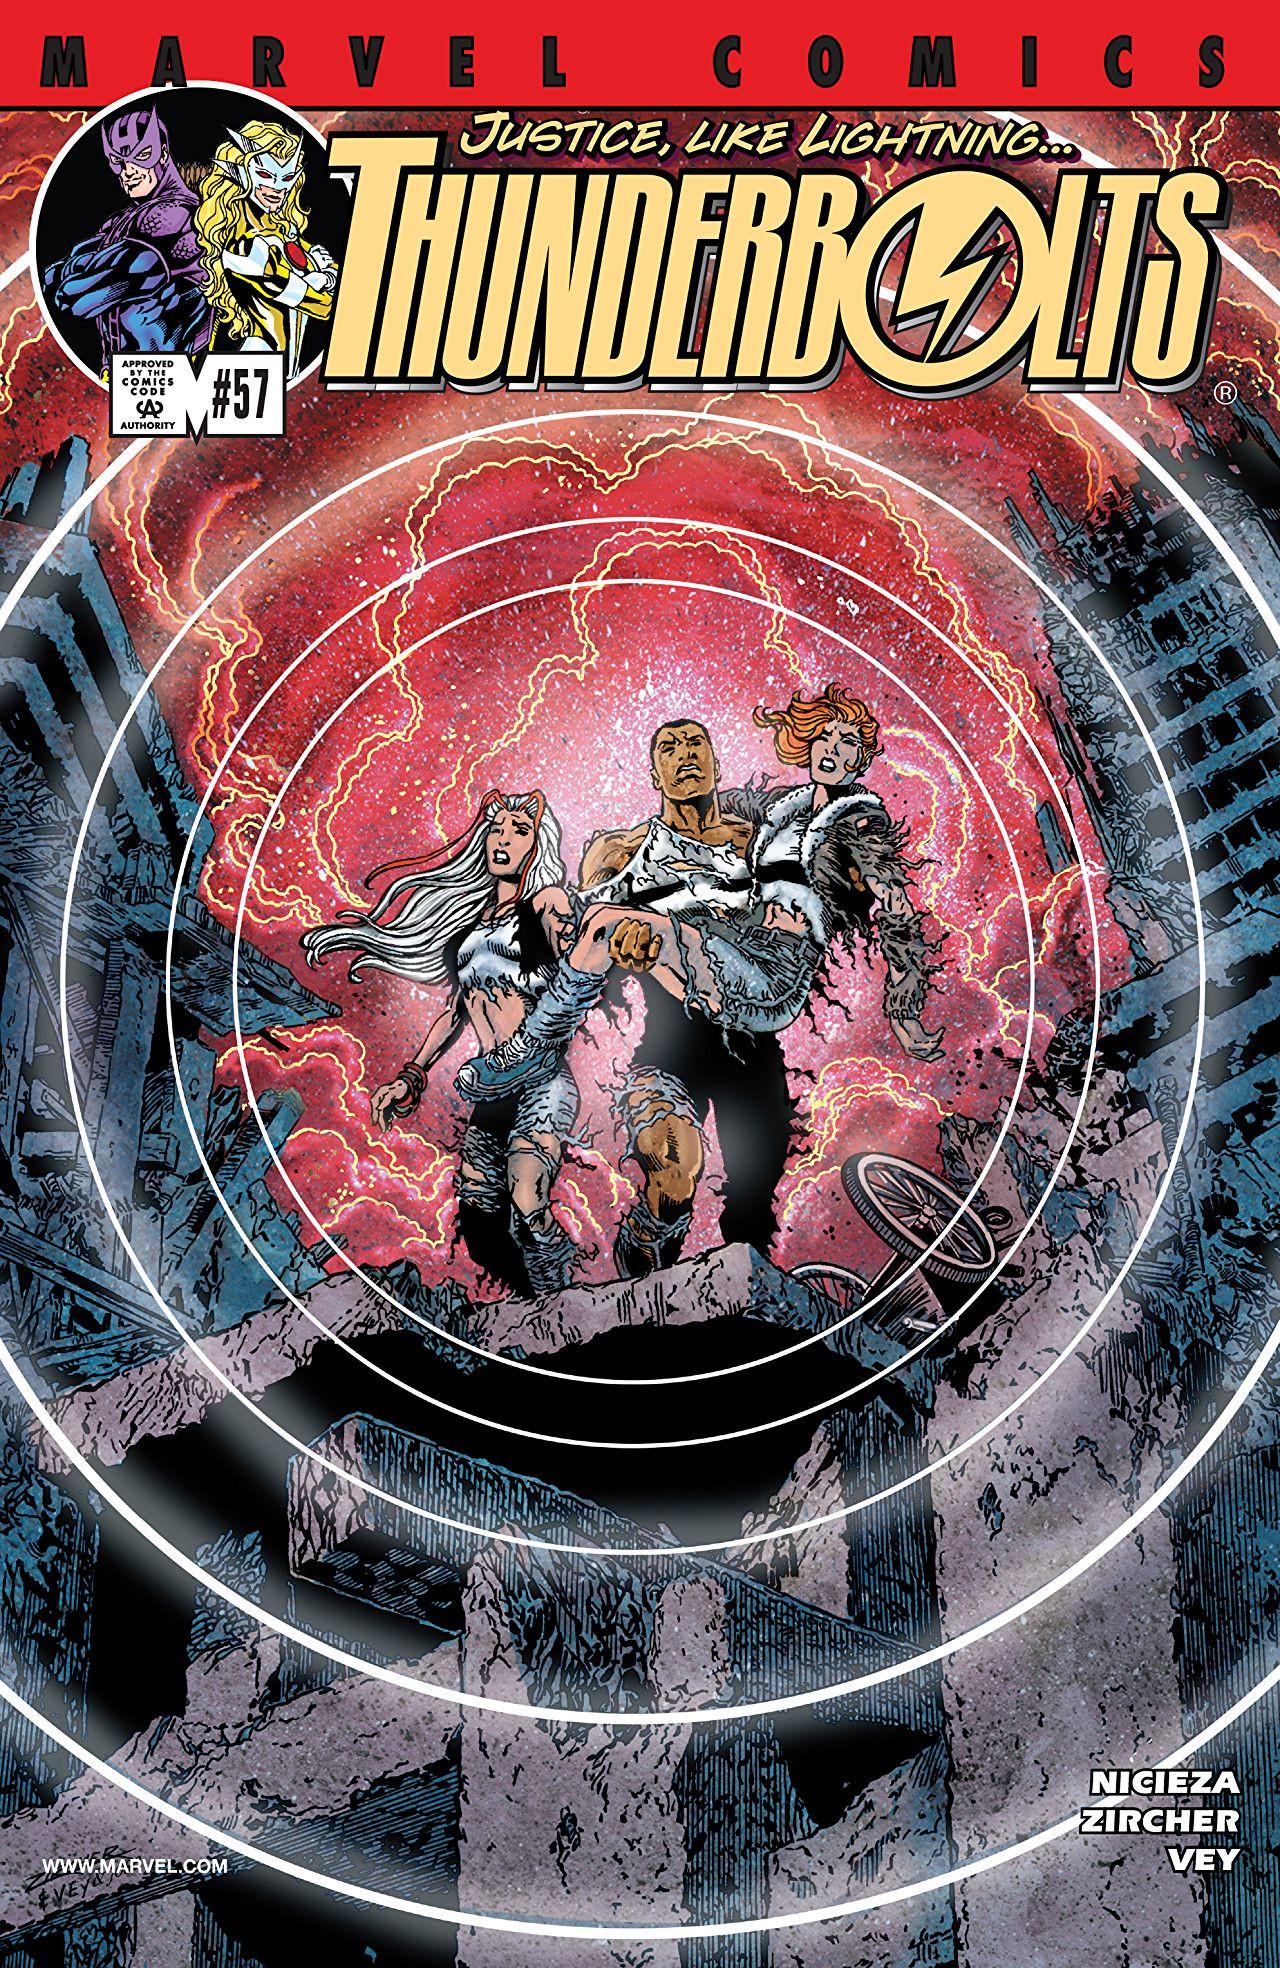 Thunderbolts Vol 1 57.jpg